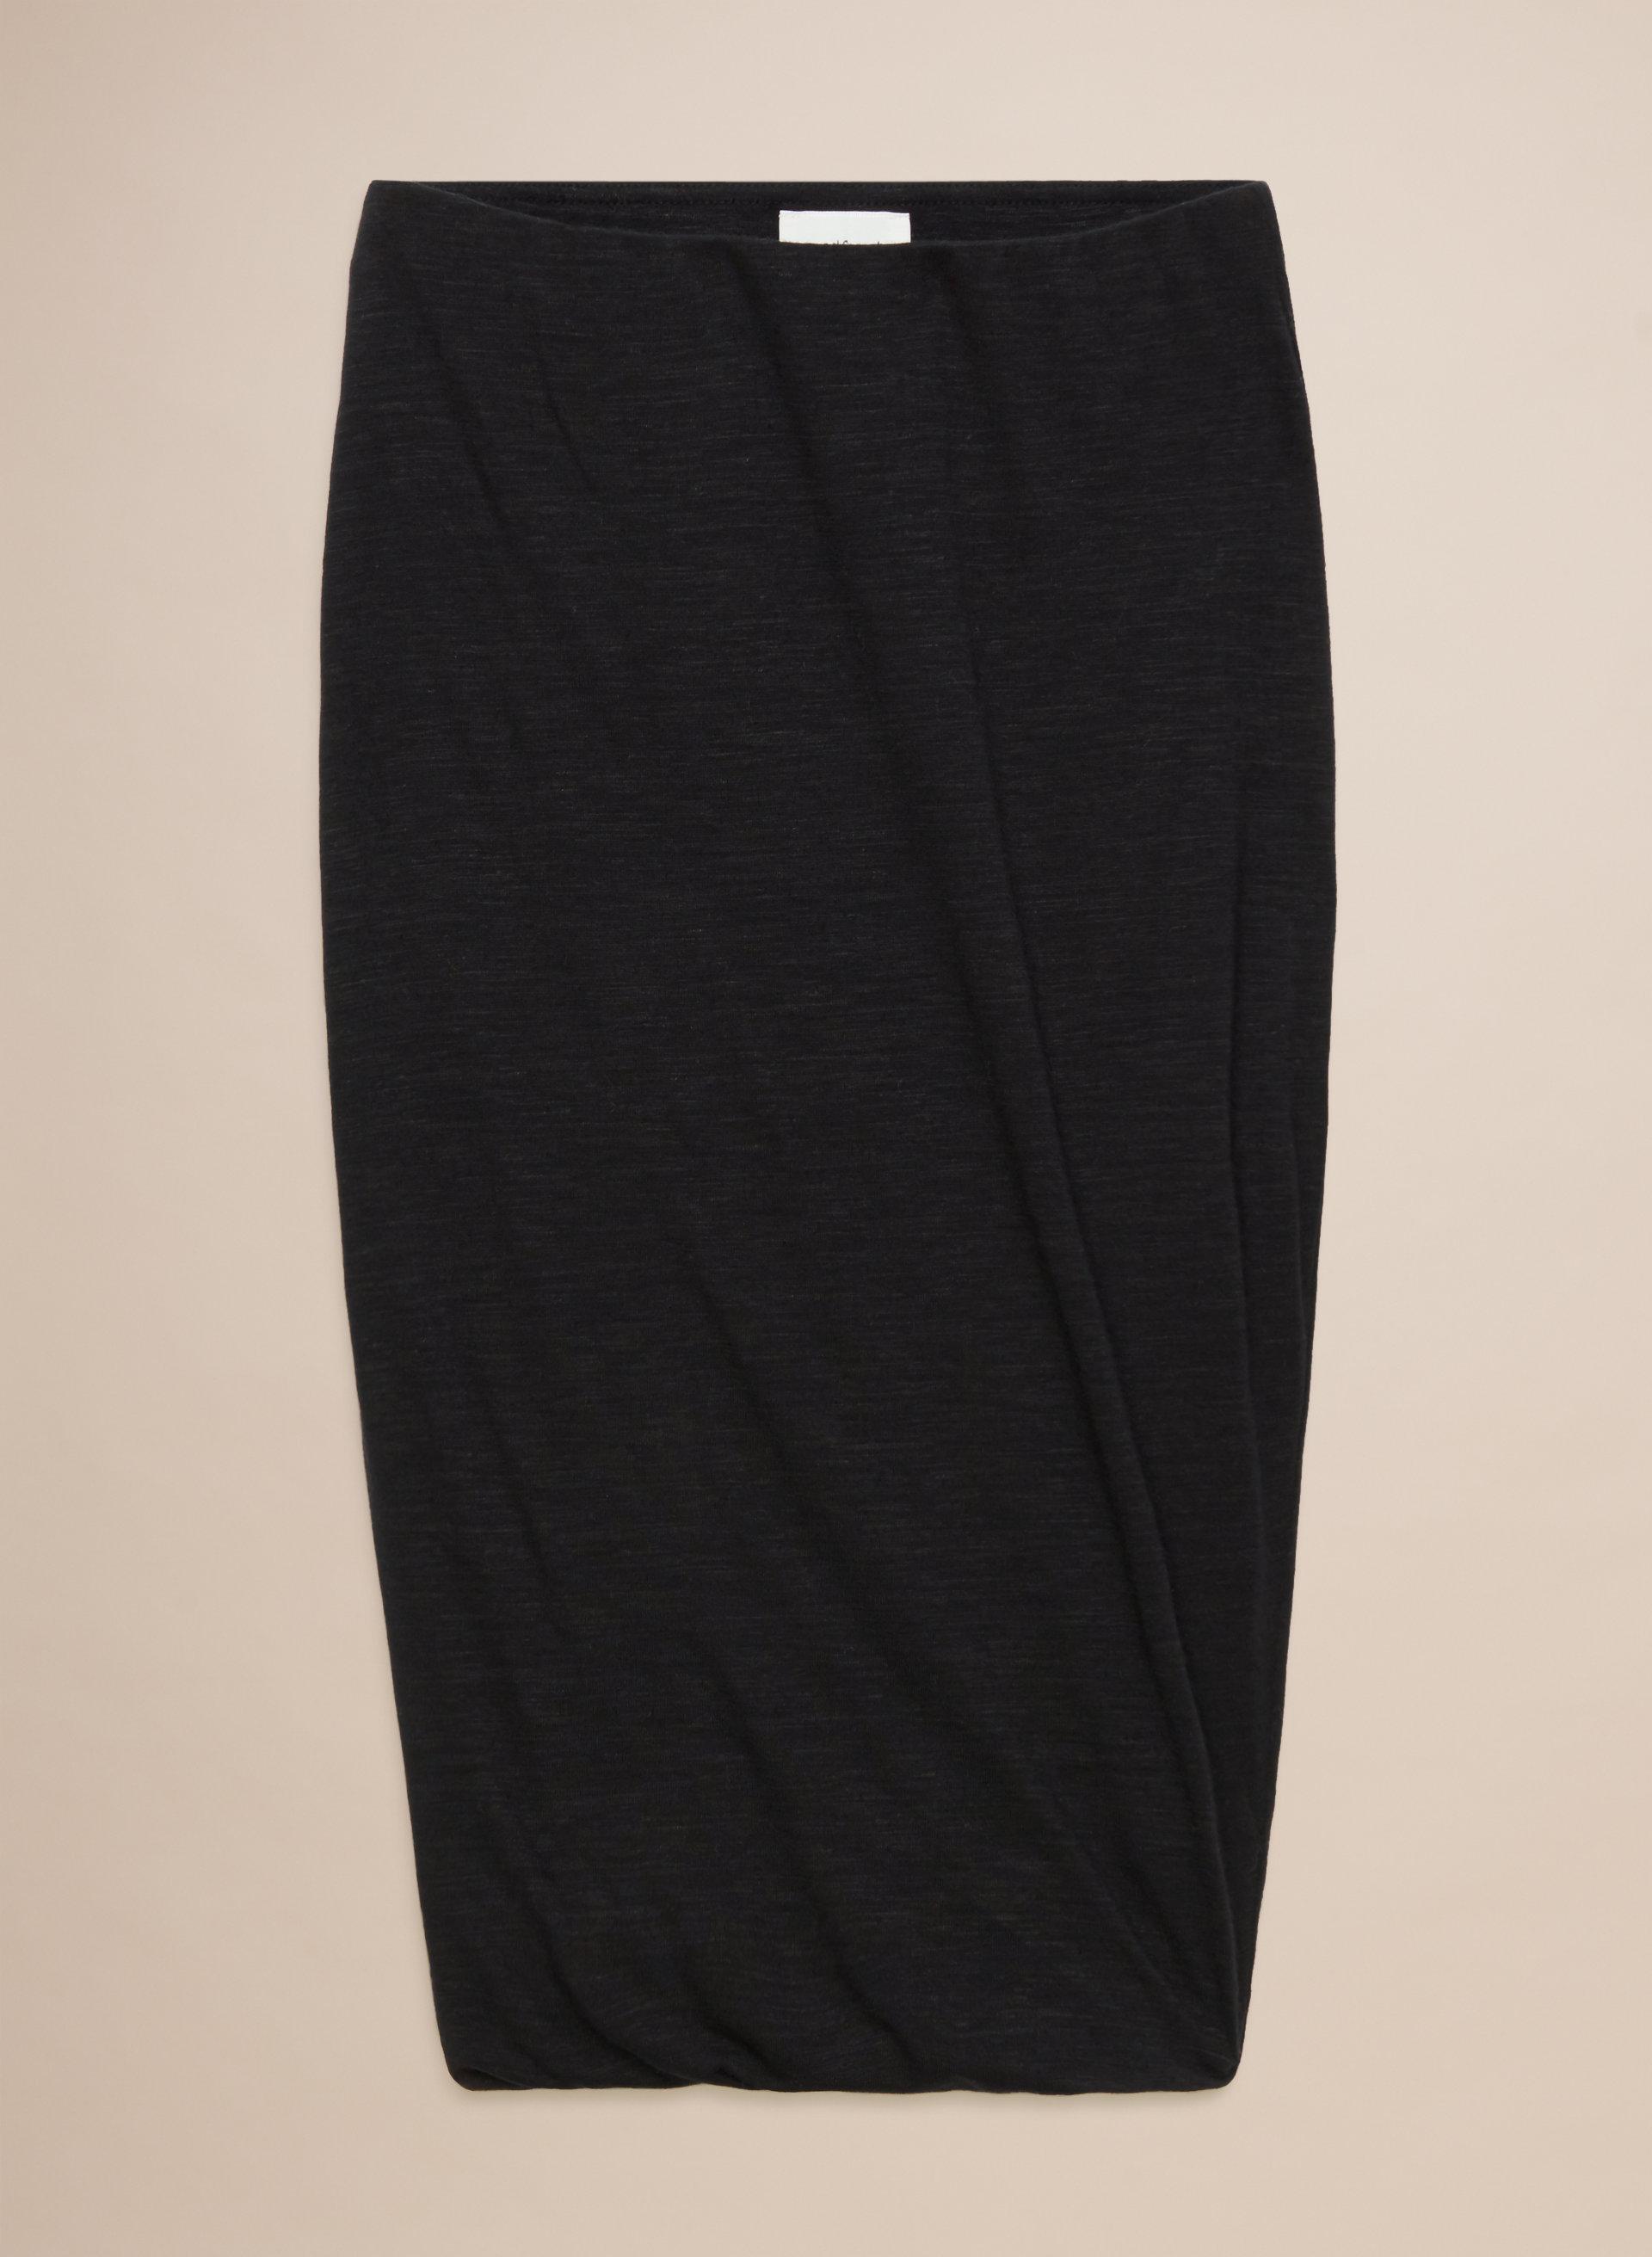 Wilfred Slimane Skirt Aritzia